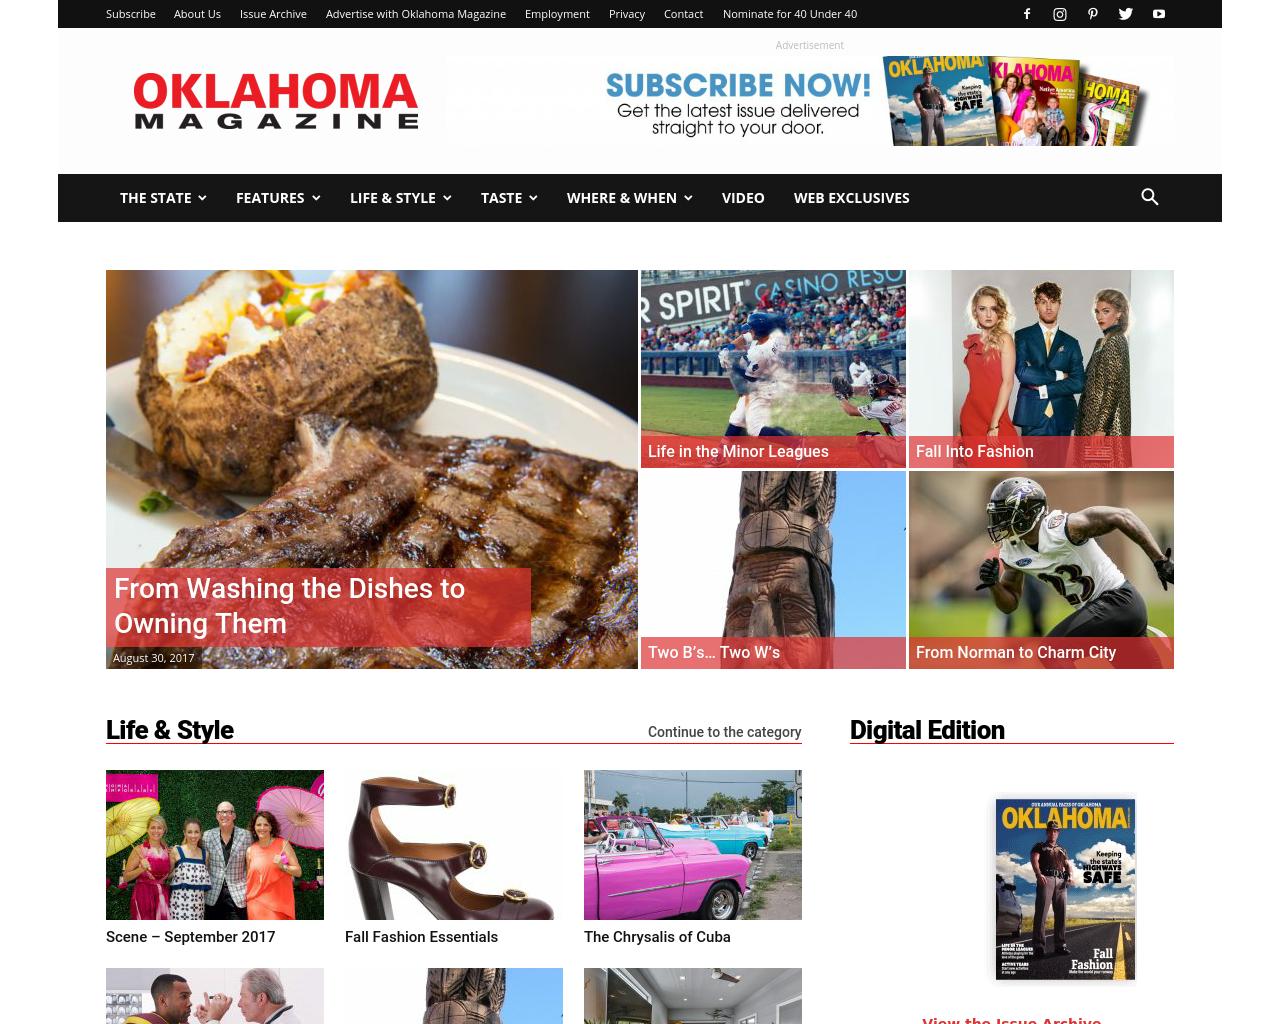 Oklahoma-Magazine-Advertising-Reviews-Pricing